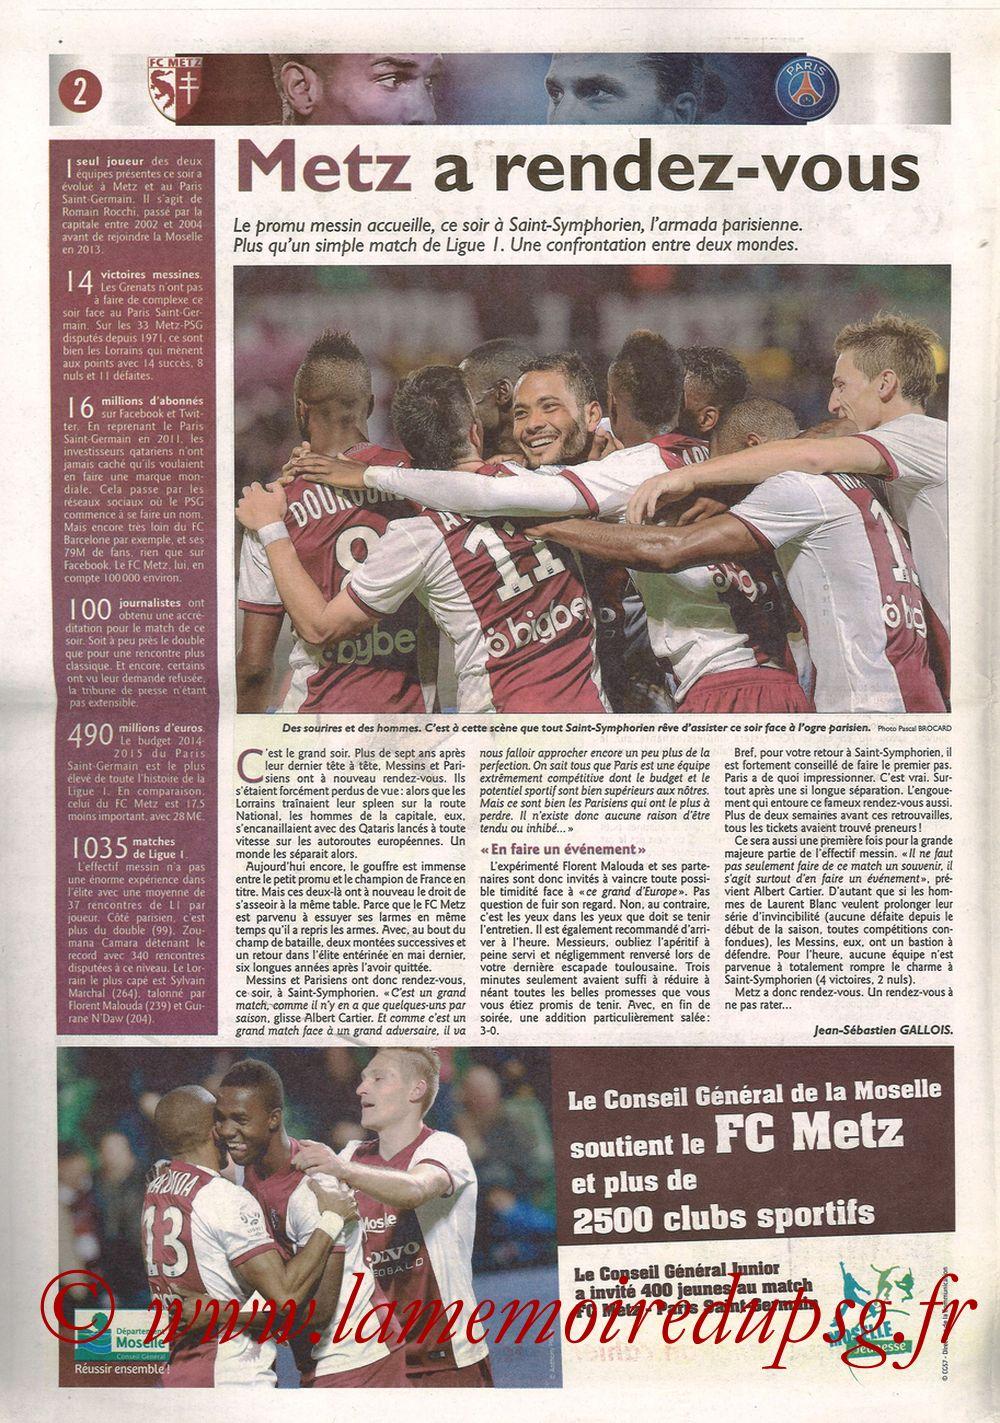 2014-11-21  Metz-PSG (16ème L1, Le Républicain Lorrain) - Page 02